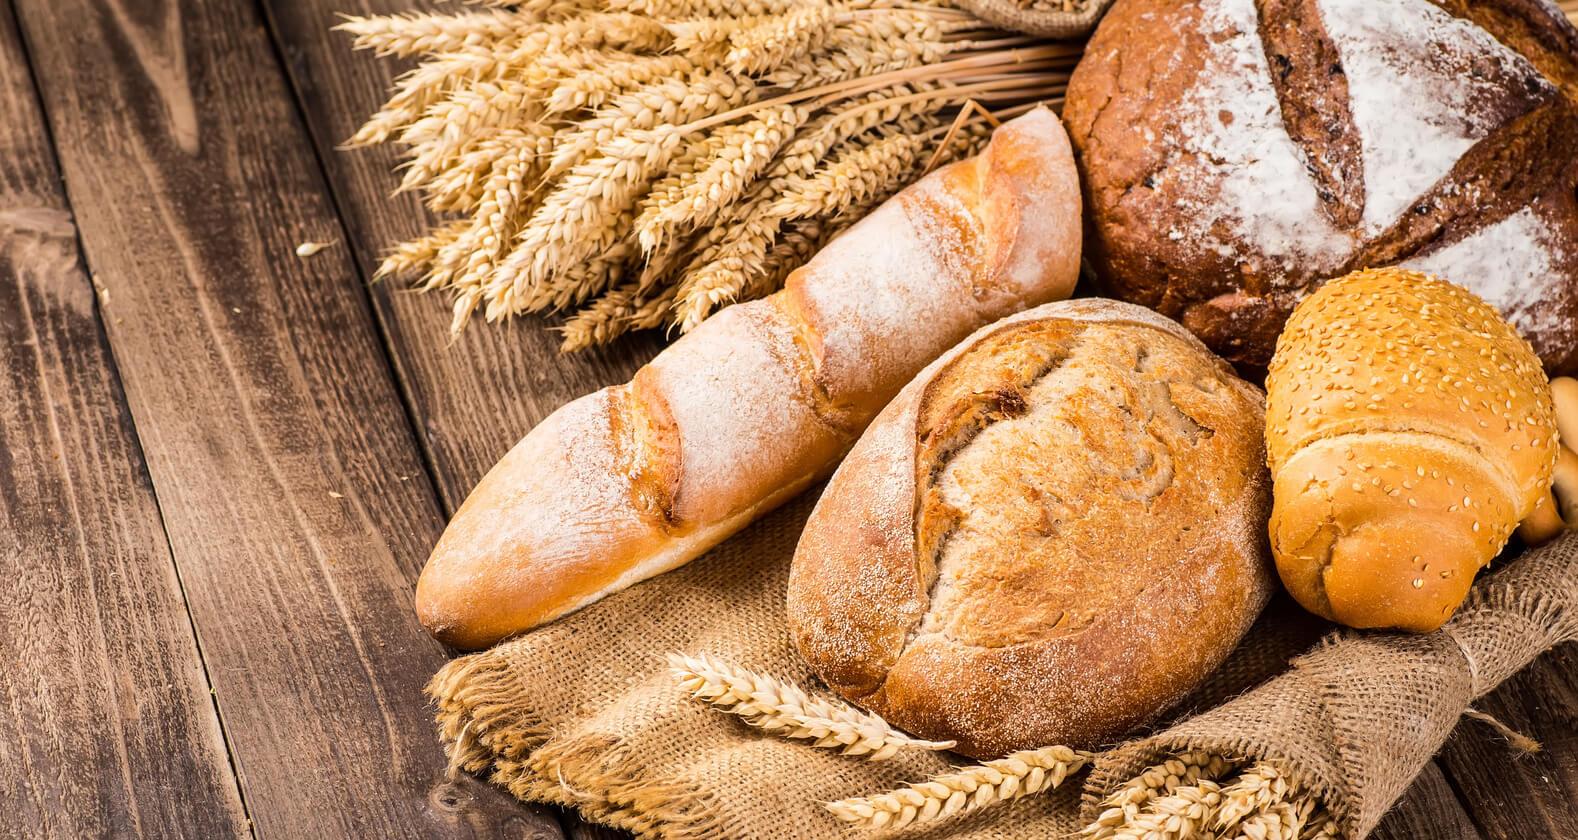 Zöliakie: Alles über die Glutenunverträglichkeit